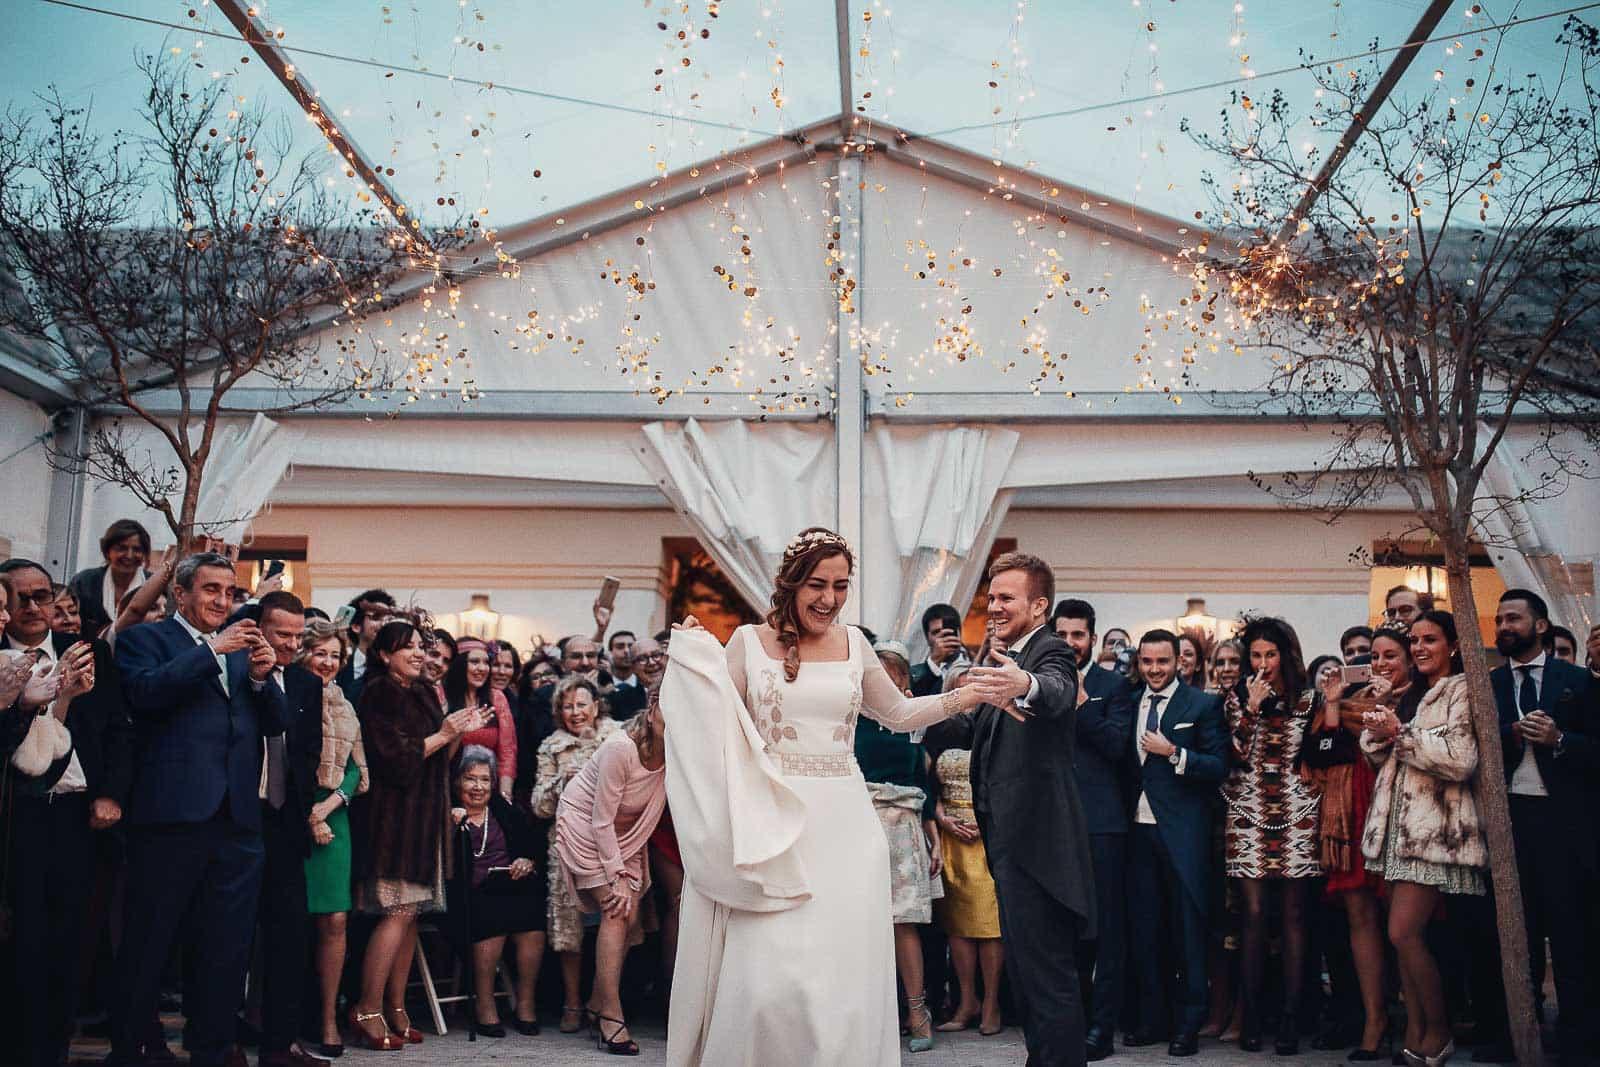 baile nupcial boda novios pareja invitados decoracion